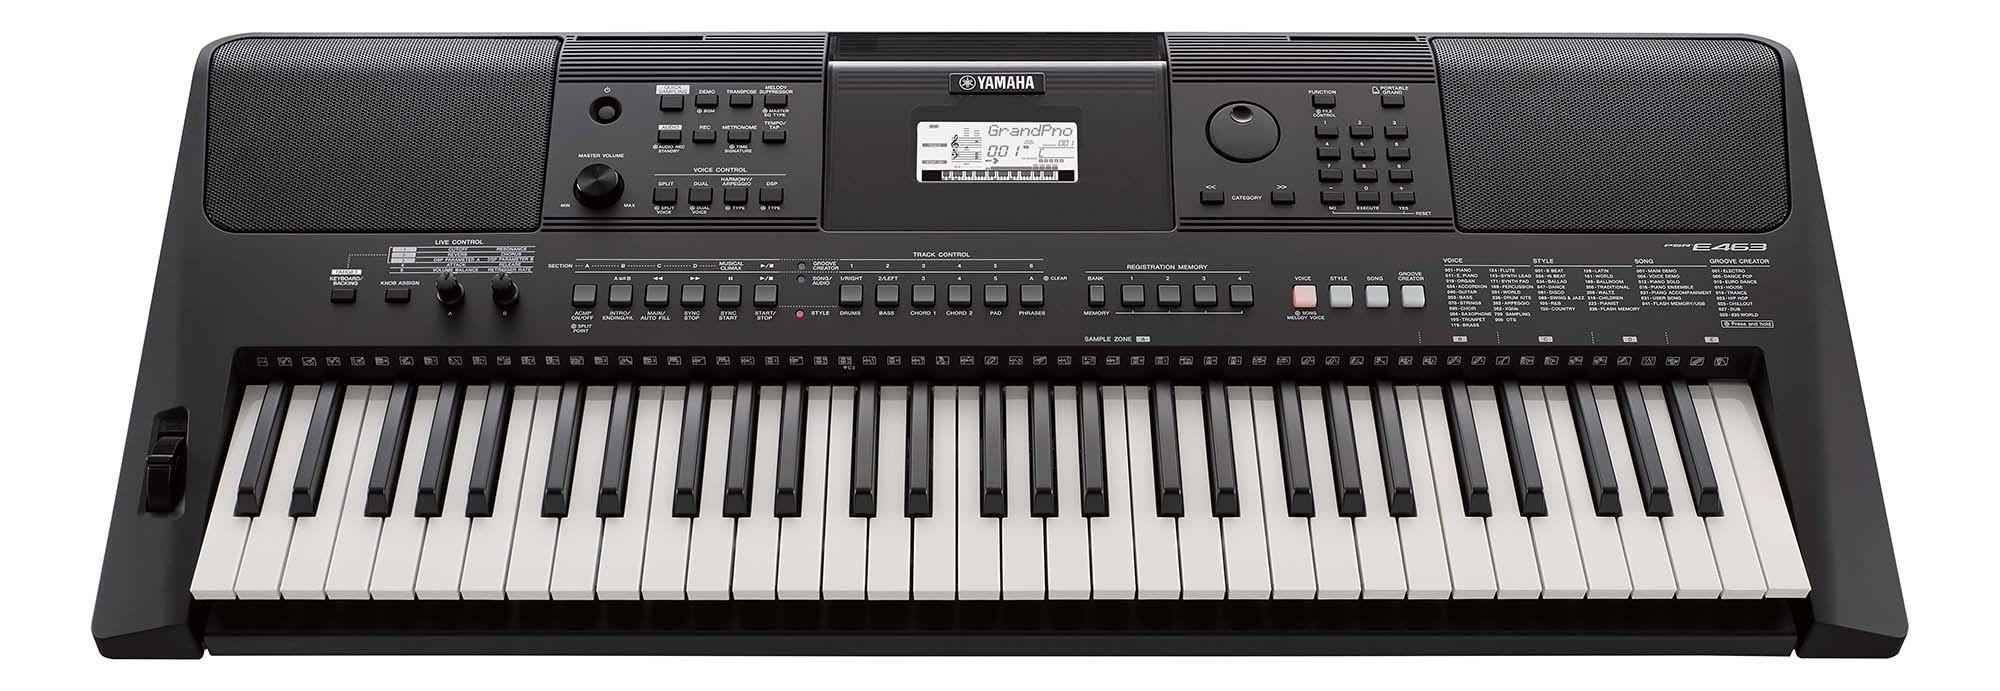 YAMAHA PSR E 463 keyboard z dynamiczną klawiaturą